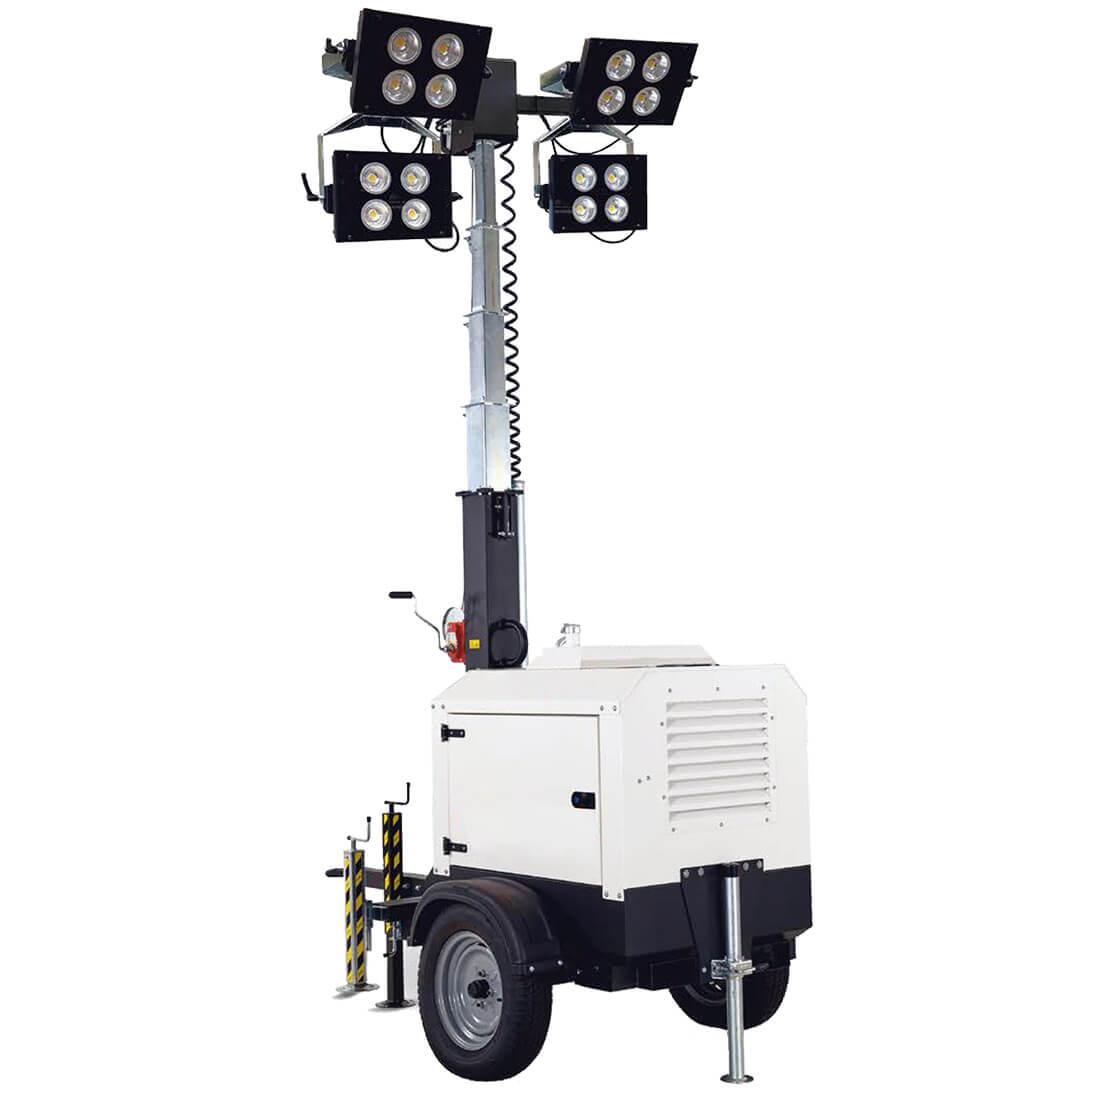 Alquiler de torre de iluminaci n 4 focos led con remolque - Iluminacion exterior led ...